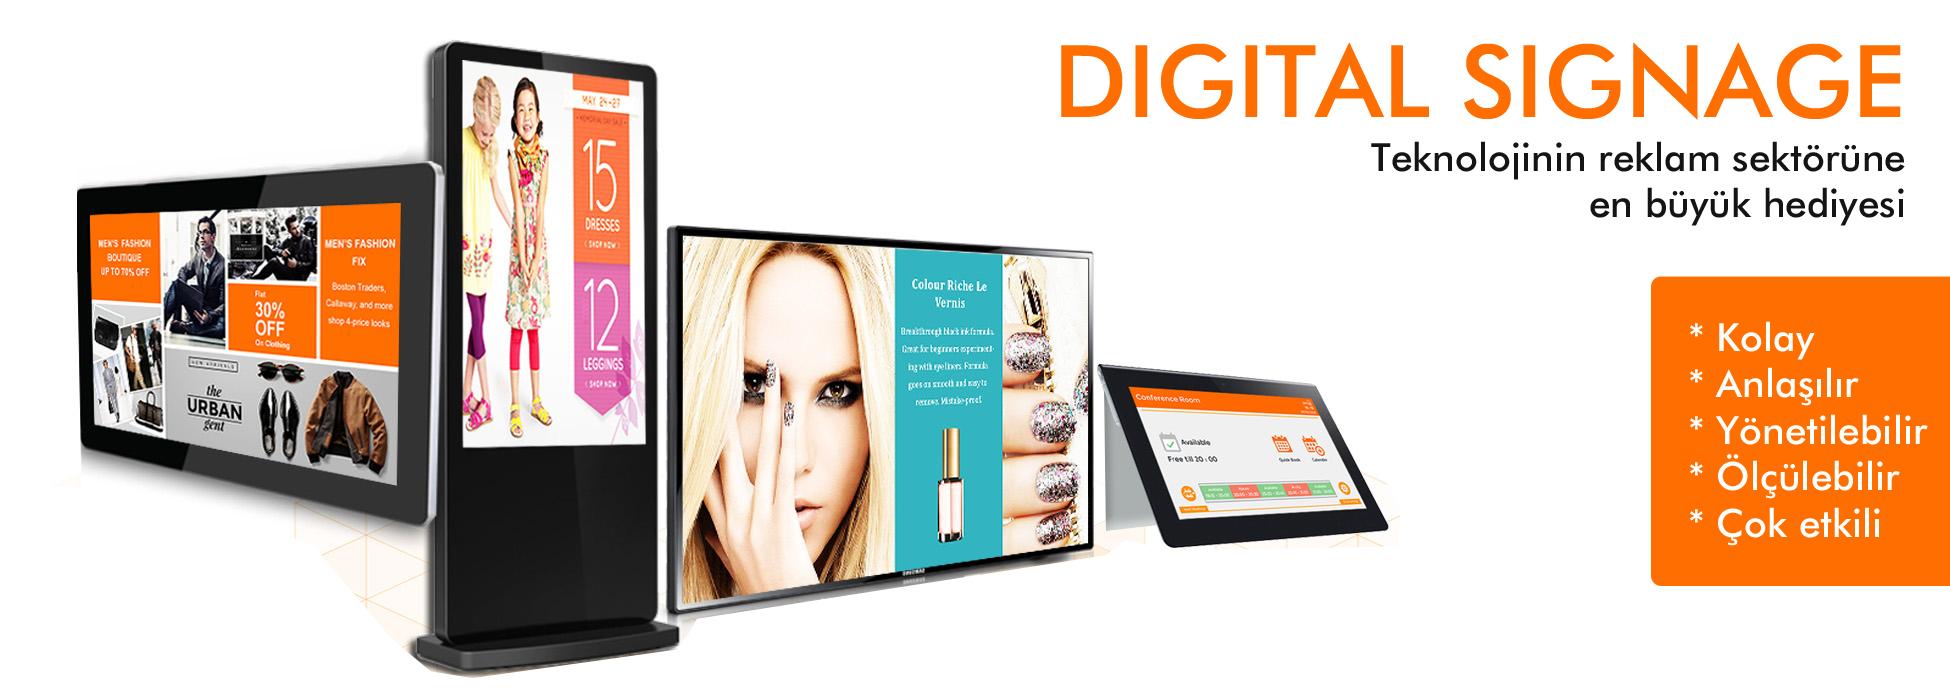 digital signage örnekleri-fiyatlari